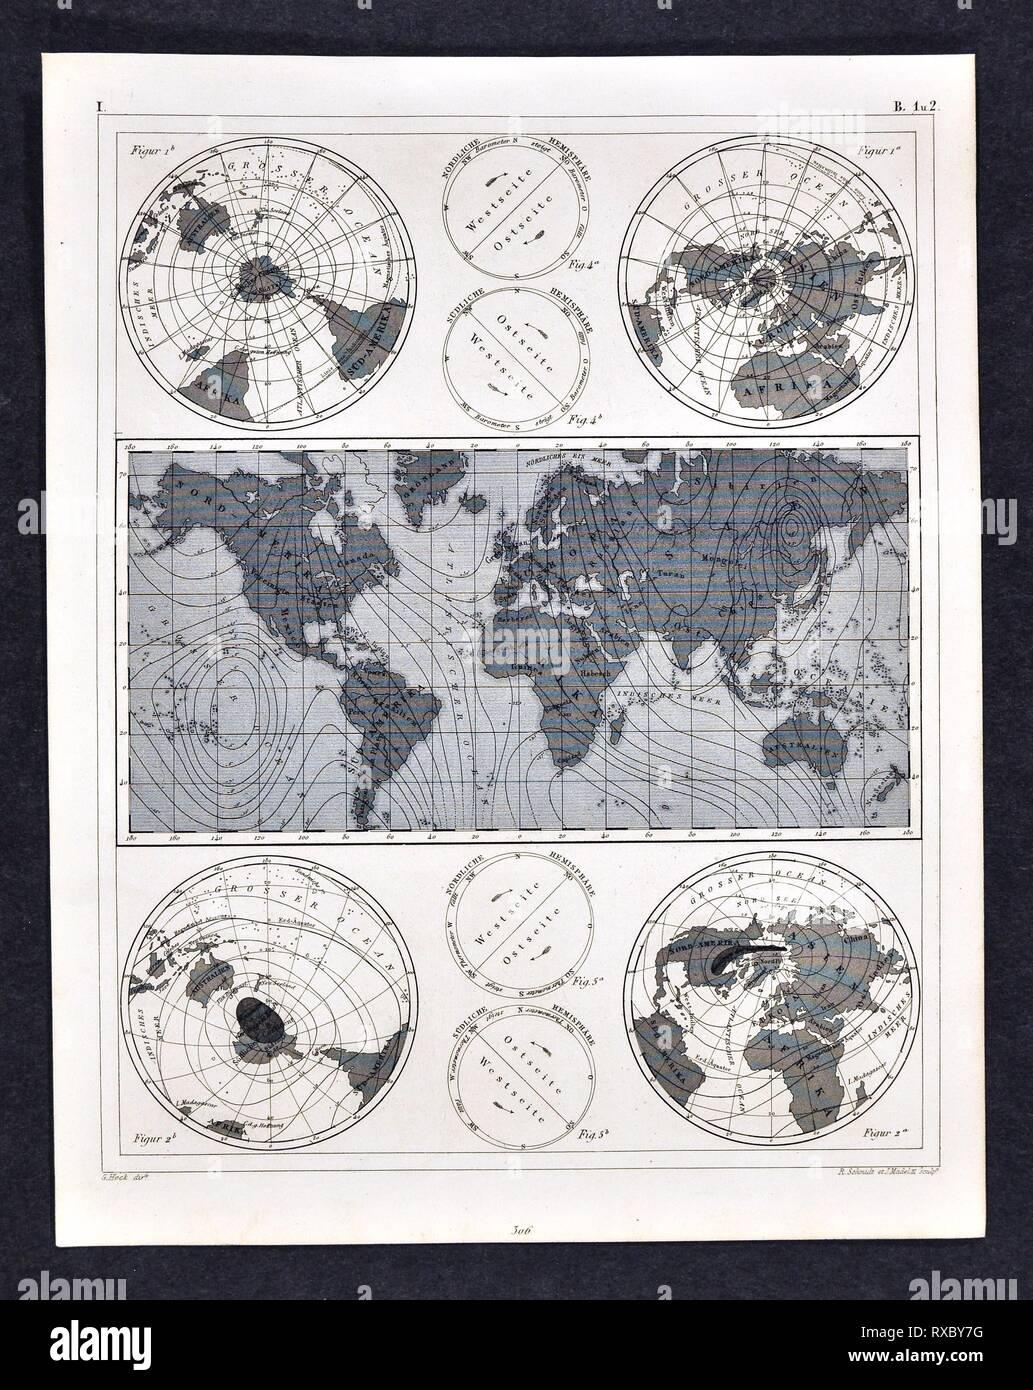 1849 Bilder Atlas Mapa del mundo mostrando los campos magnéticos Imagen De Stock